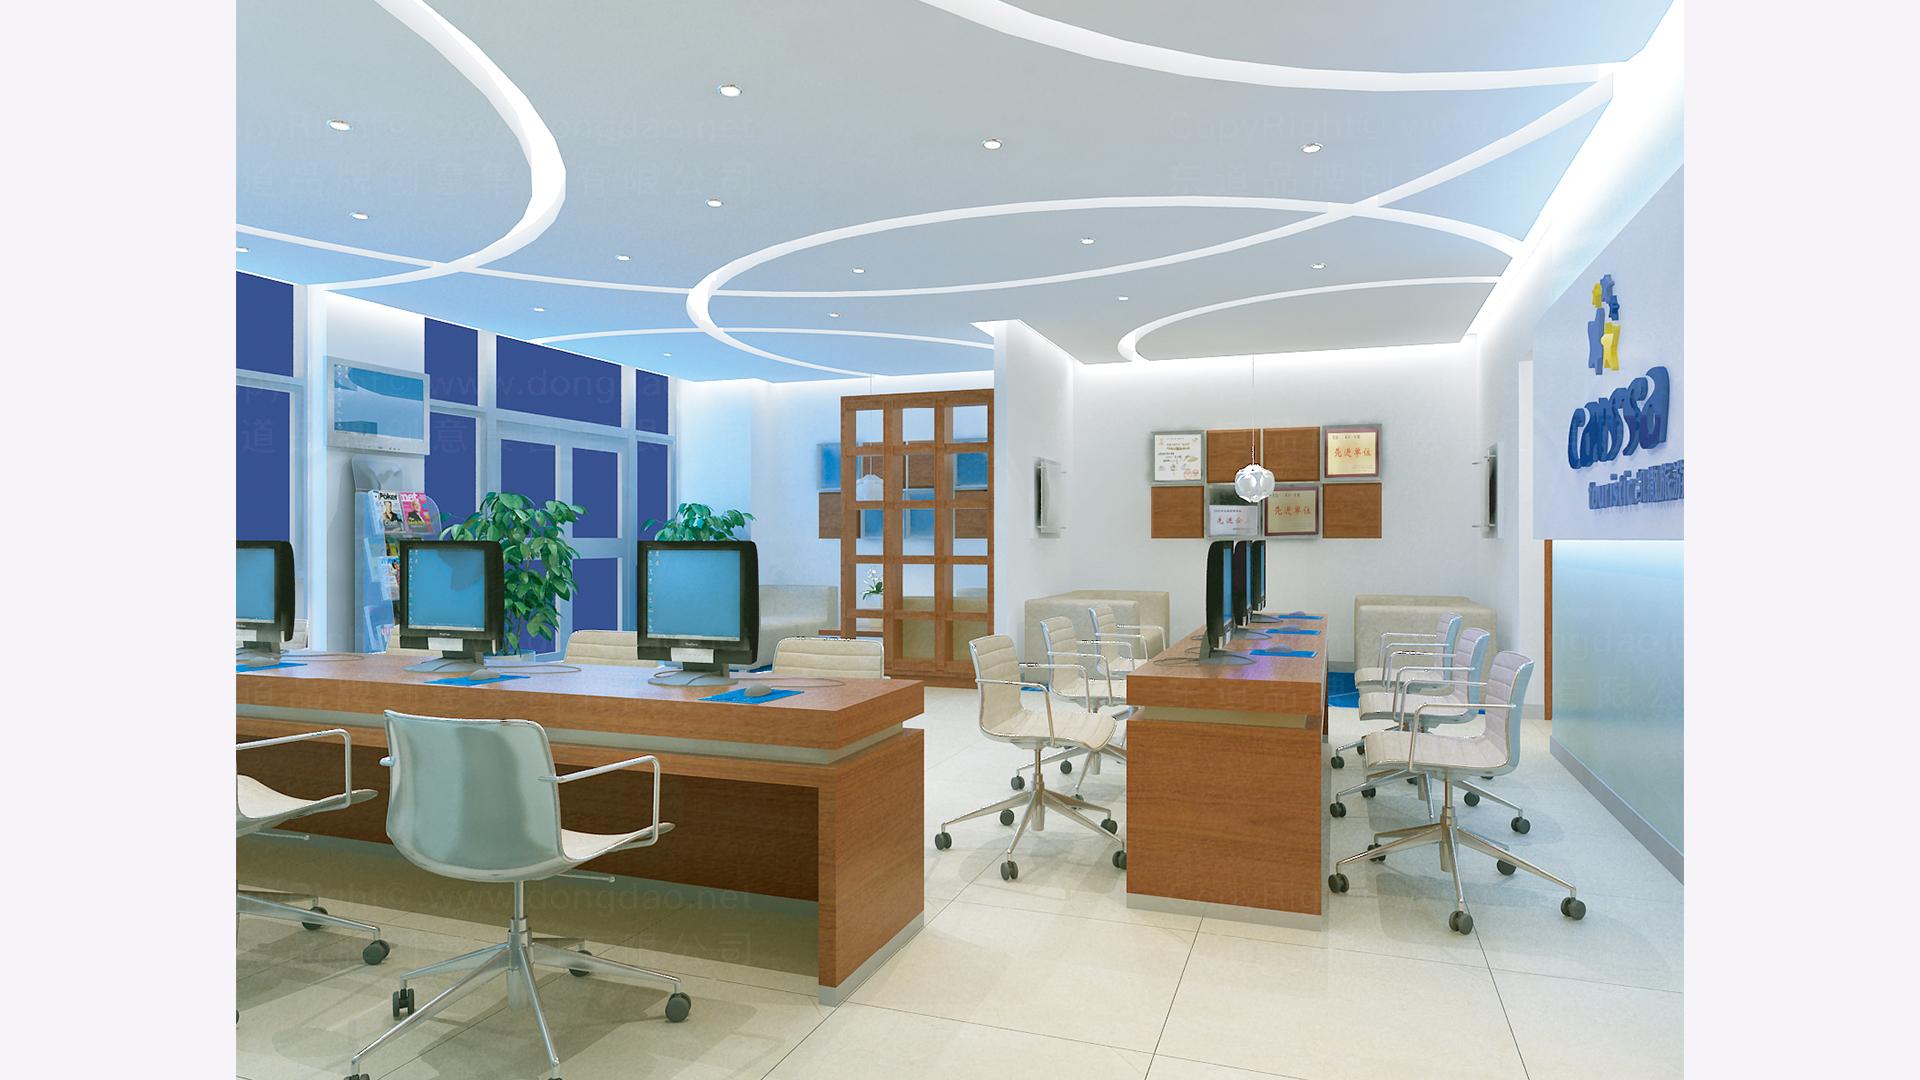 商业空间&导示凯撒旅游SI设计应用